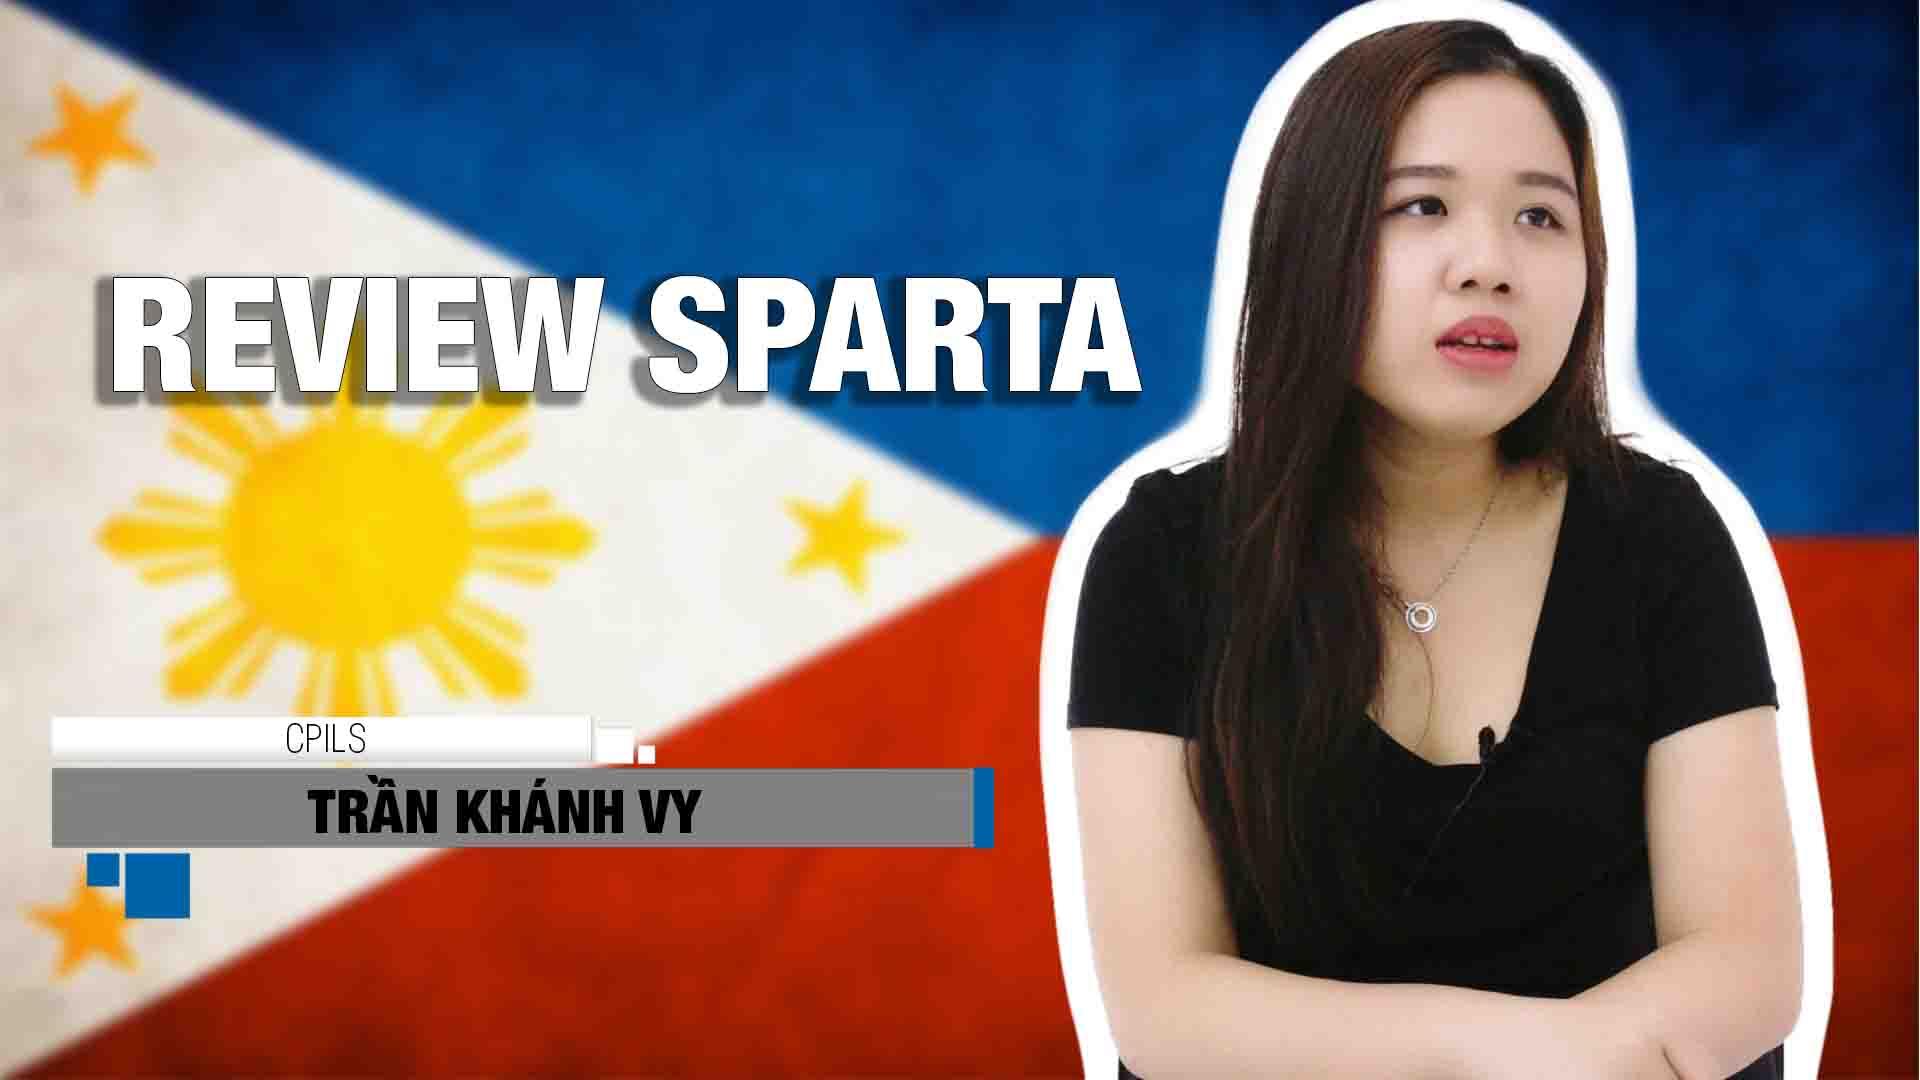 SPARTA là gì? Vì sao bạn lại nên học tiếng Anh tại Philippine nhỉ? Nghe bạn Trần Khánh Vy cựu học sinh trường CPILS kể về trải nghiệm của bạn tại đảo quốc này nhé!